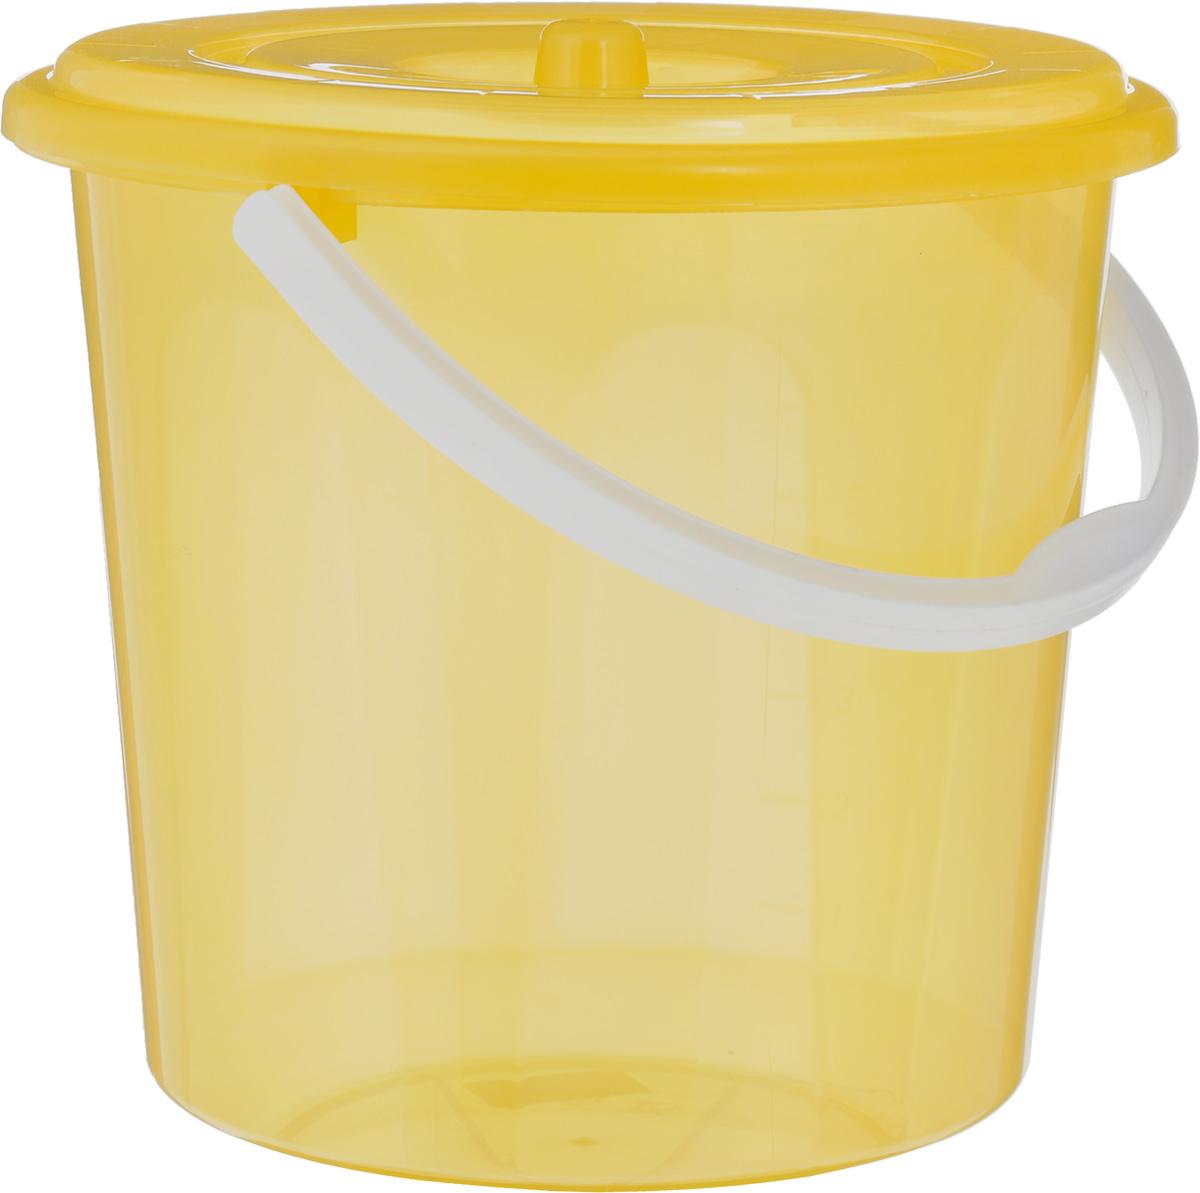 Ведро Альтернатива Хозяюшка, с крышкой, цвет: желтый, 10 лМ1213_желтыйВедро Альтернатива Хозяюшка изготовлено из высококачественного пластика и оснащено отметками литража. Оно легче железного и не подвержено коррозии. Ведро имеет удобную пластиковую ручку и закрывается крышкой. Такое ведро станет незаменимым помощником в хозяйстве. Идеально для хранения пищевых отходов. Диаметр: 27 см. Высота (без учета крышки): 26 см.